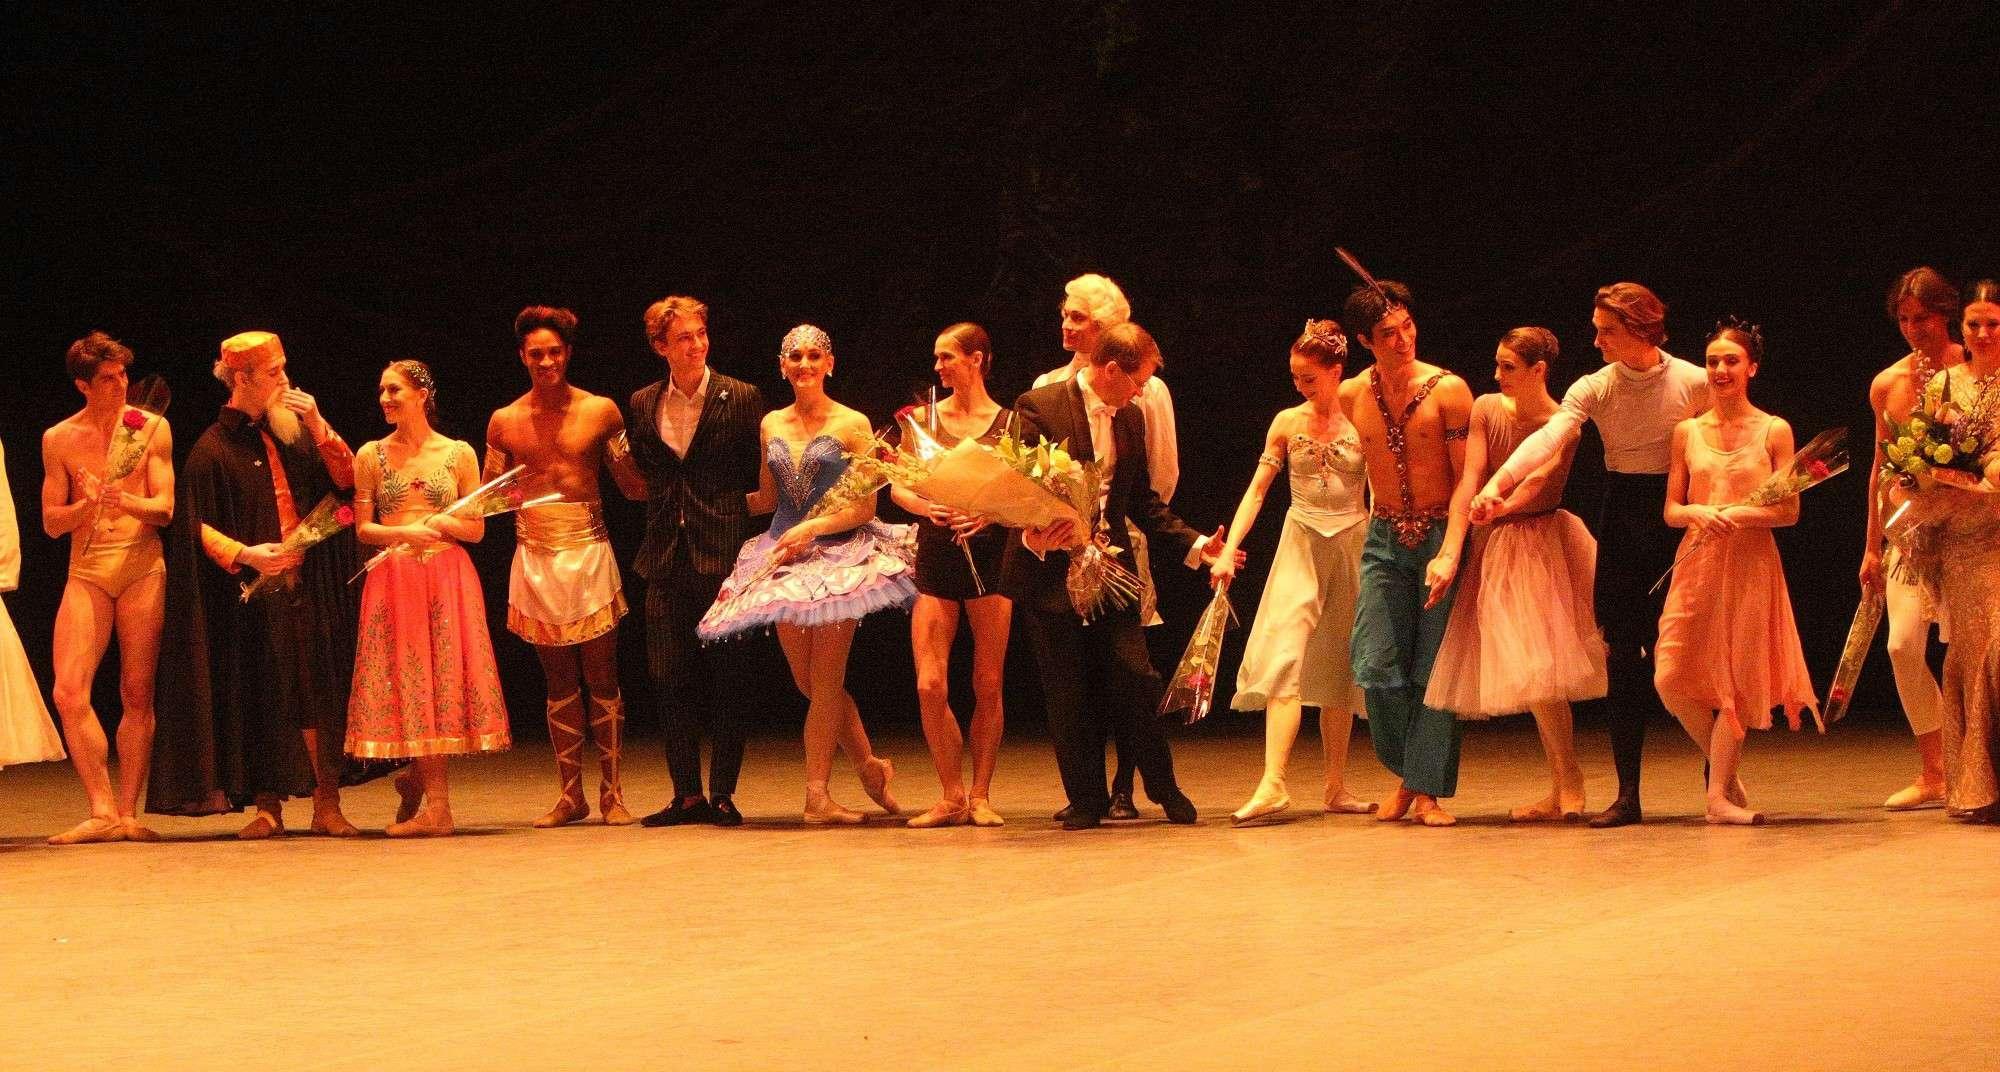 вечер русского балета фотоотчет этом